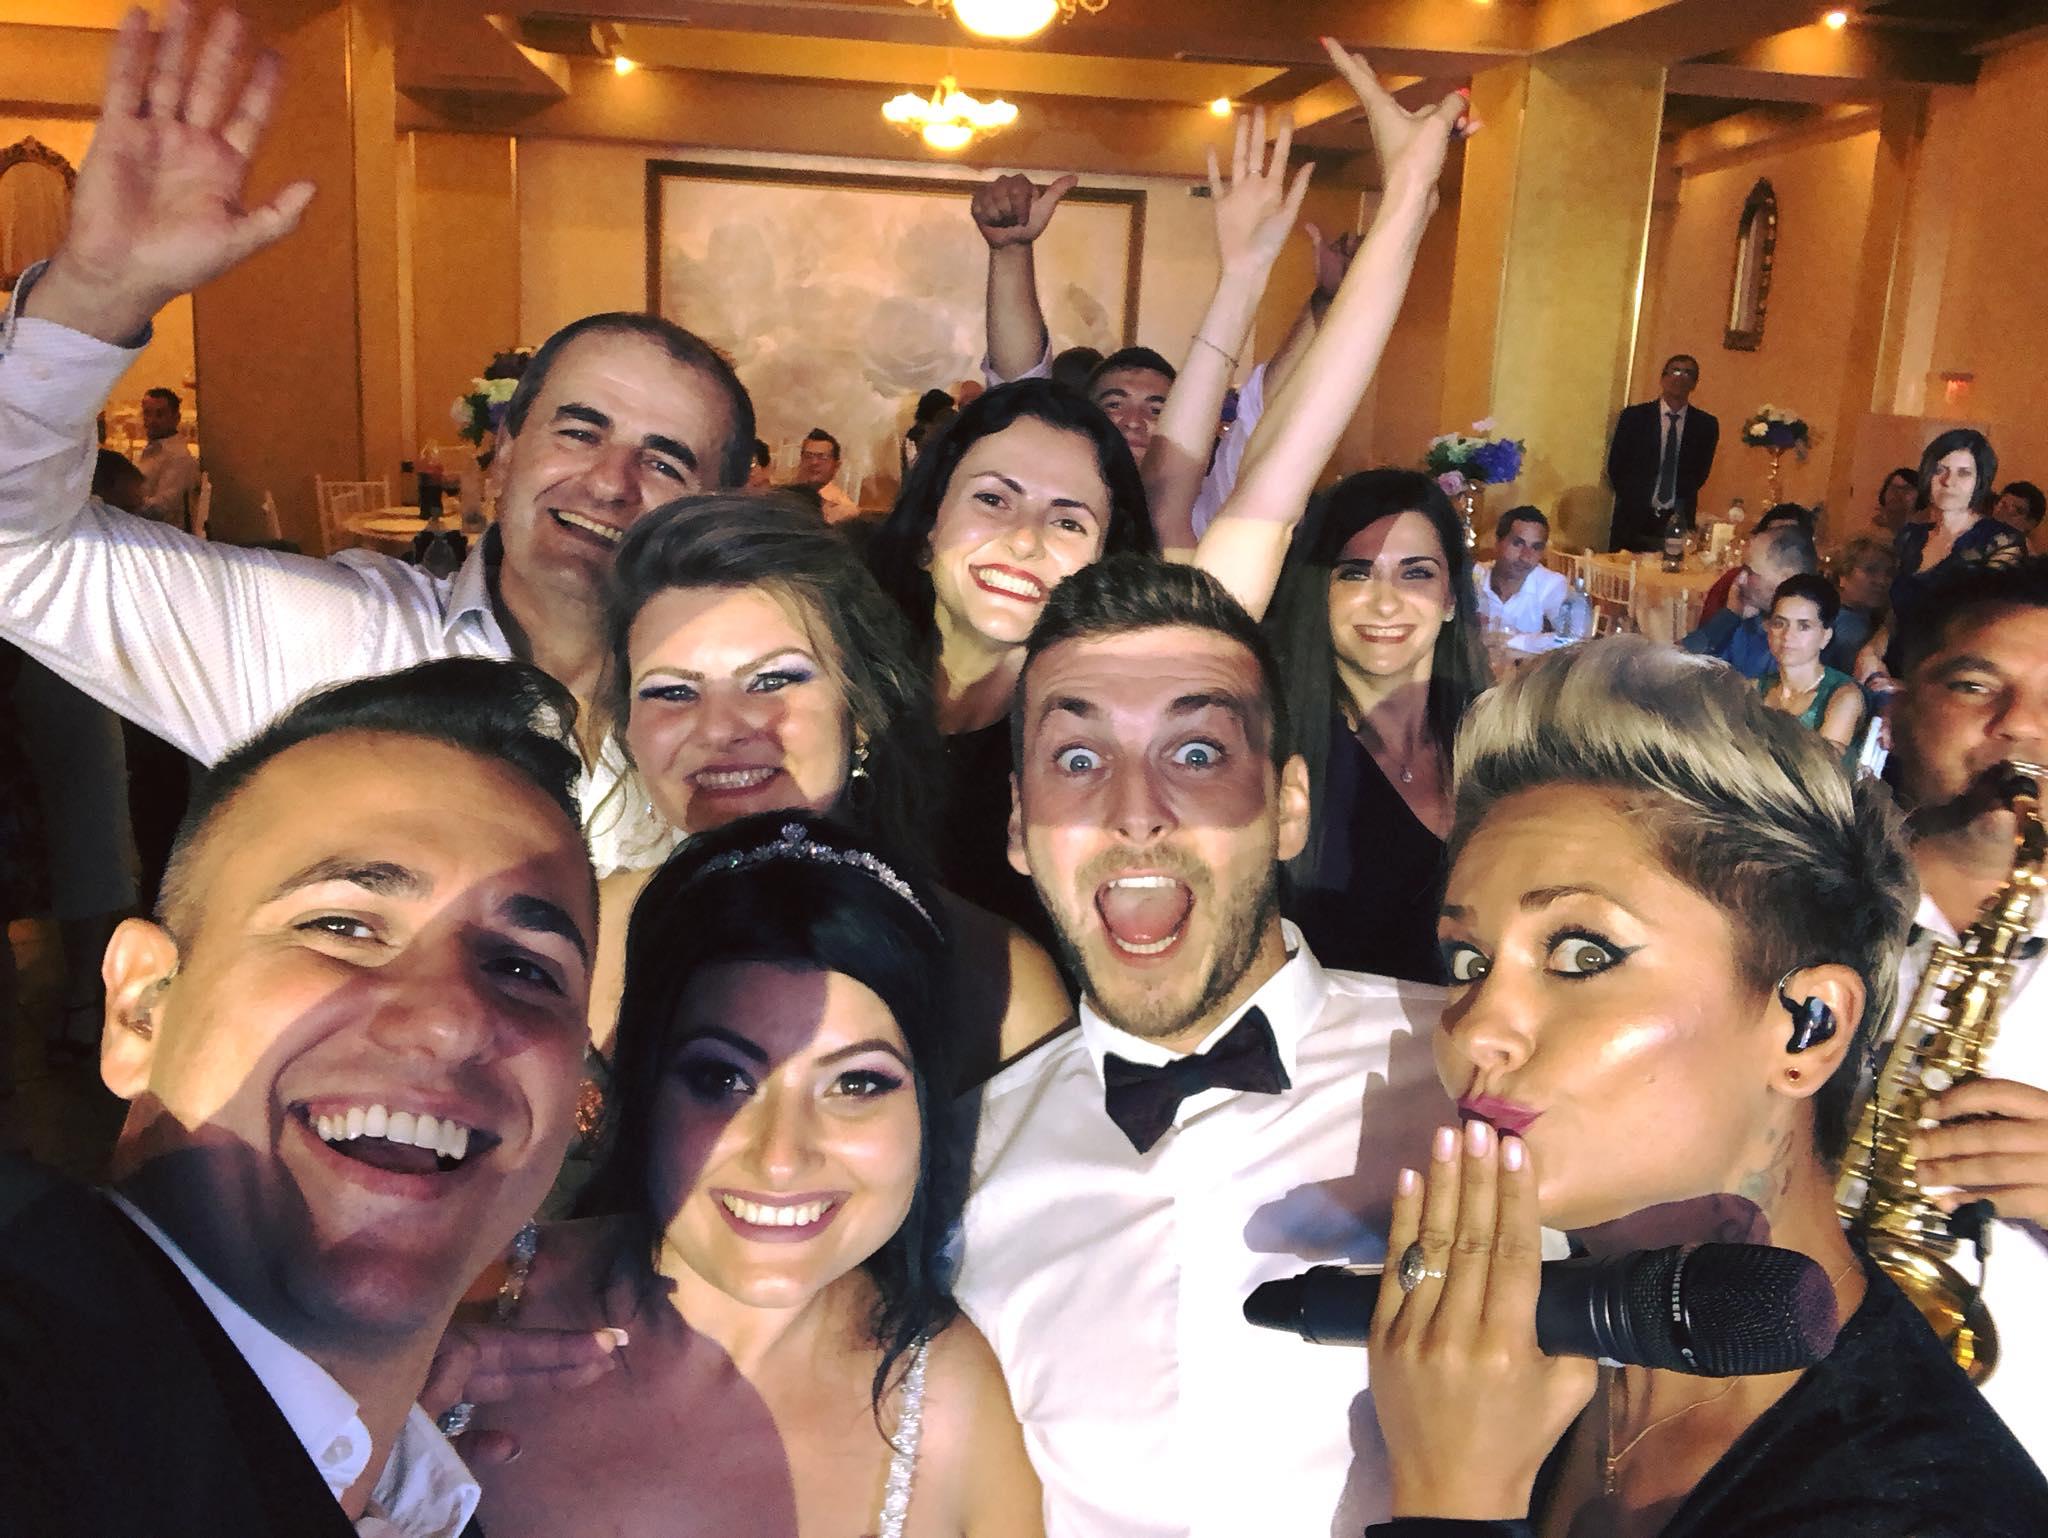 Adelina \u0219i Mihai #selfie #lanunta \u22c6 Trupa Atelier - Cover Band